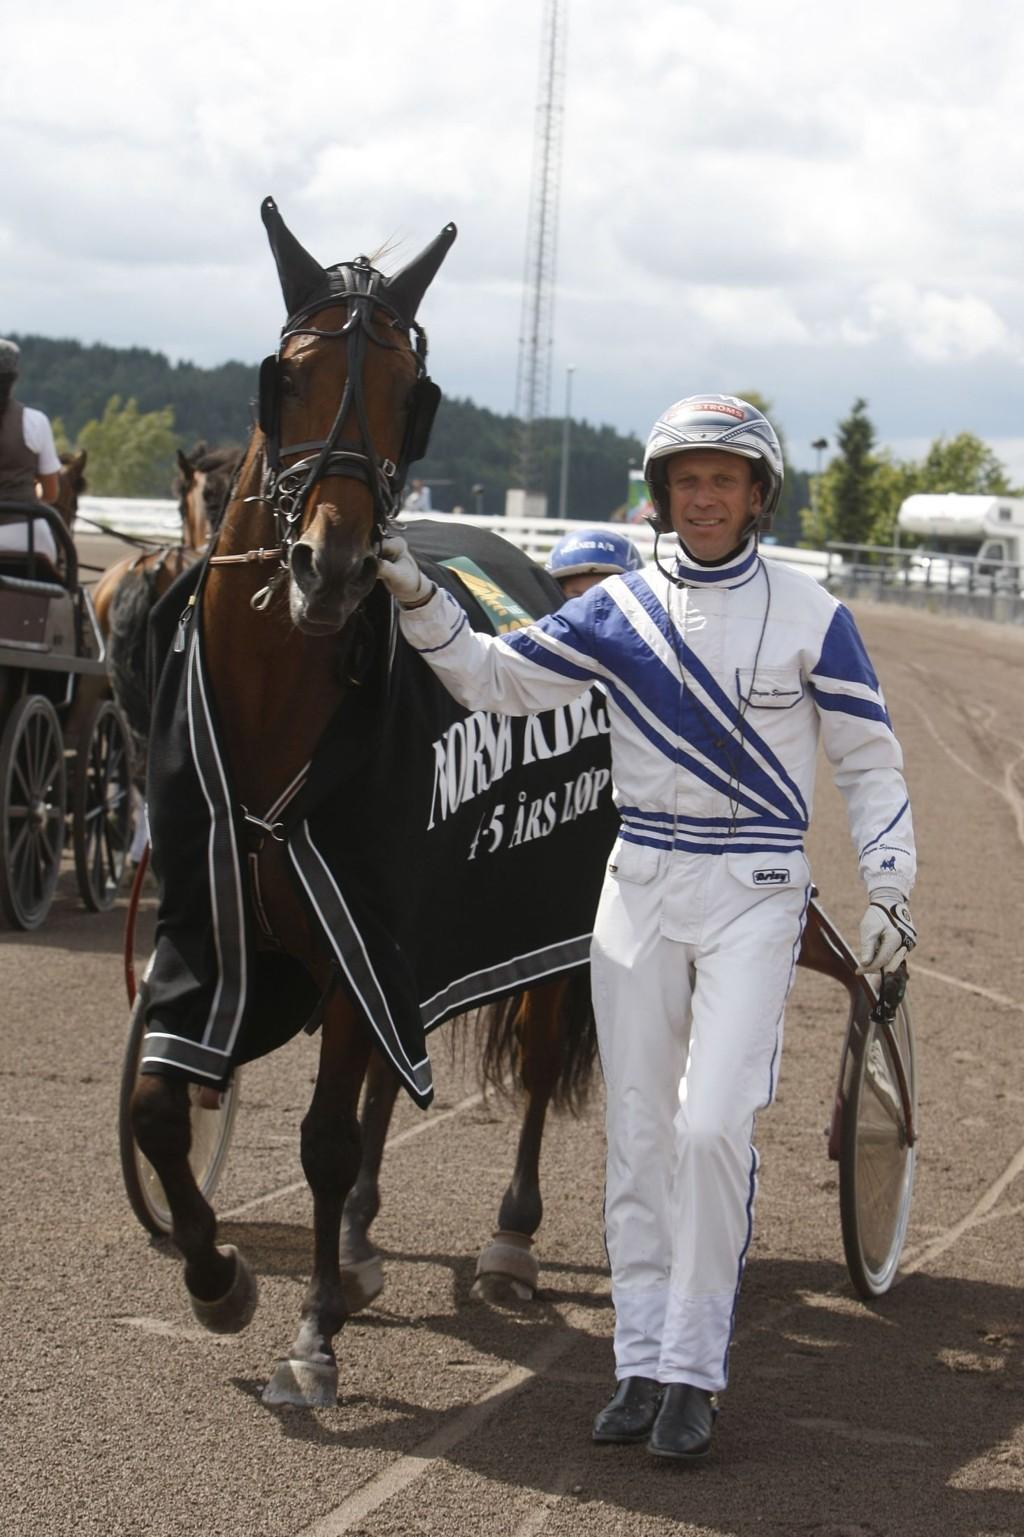 Jørgen Sjunnesson kjører bankeren vår fra Tingsryd denne torsdagen. Foto: Anders Kongsrud/www.hesteguiden.com.